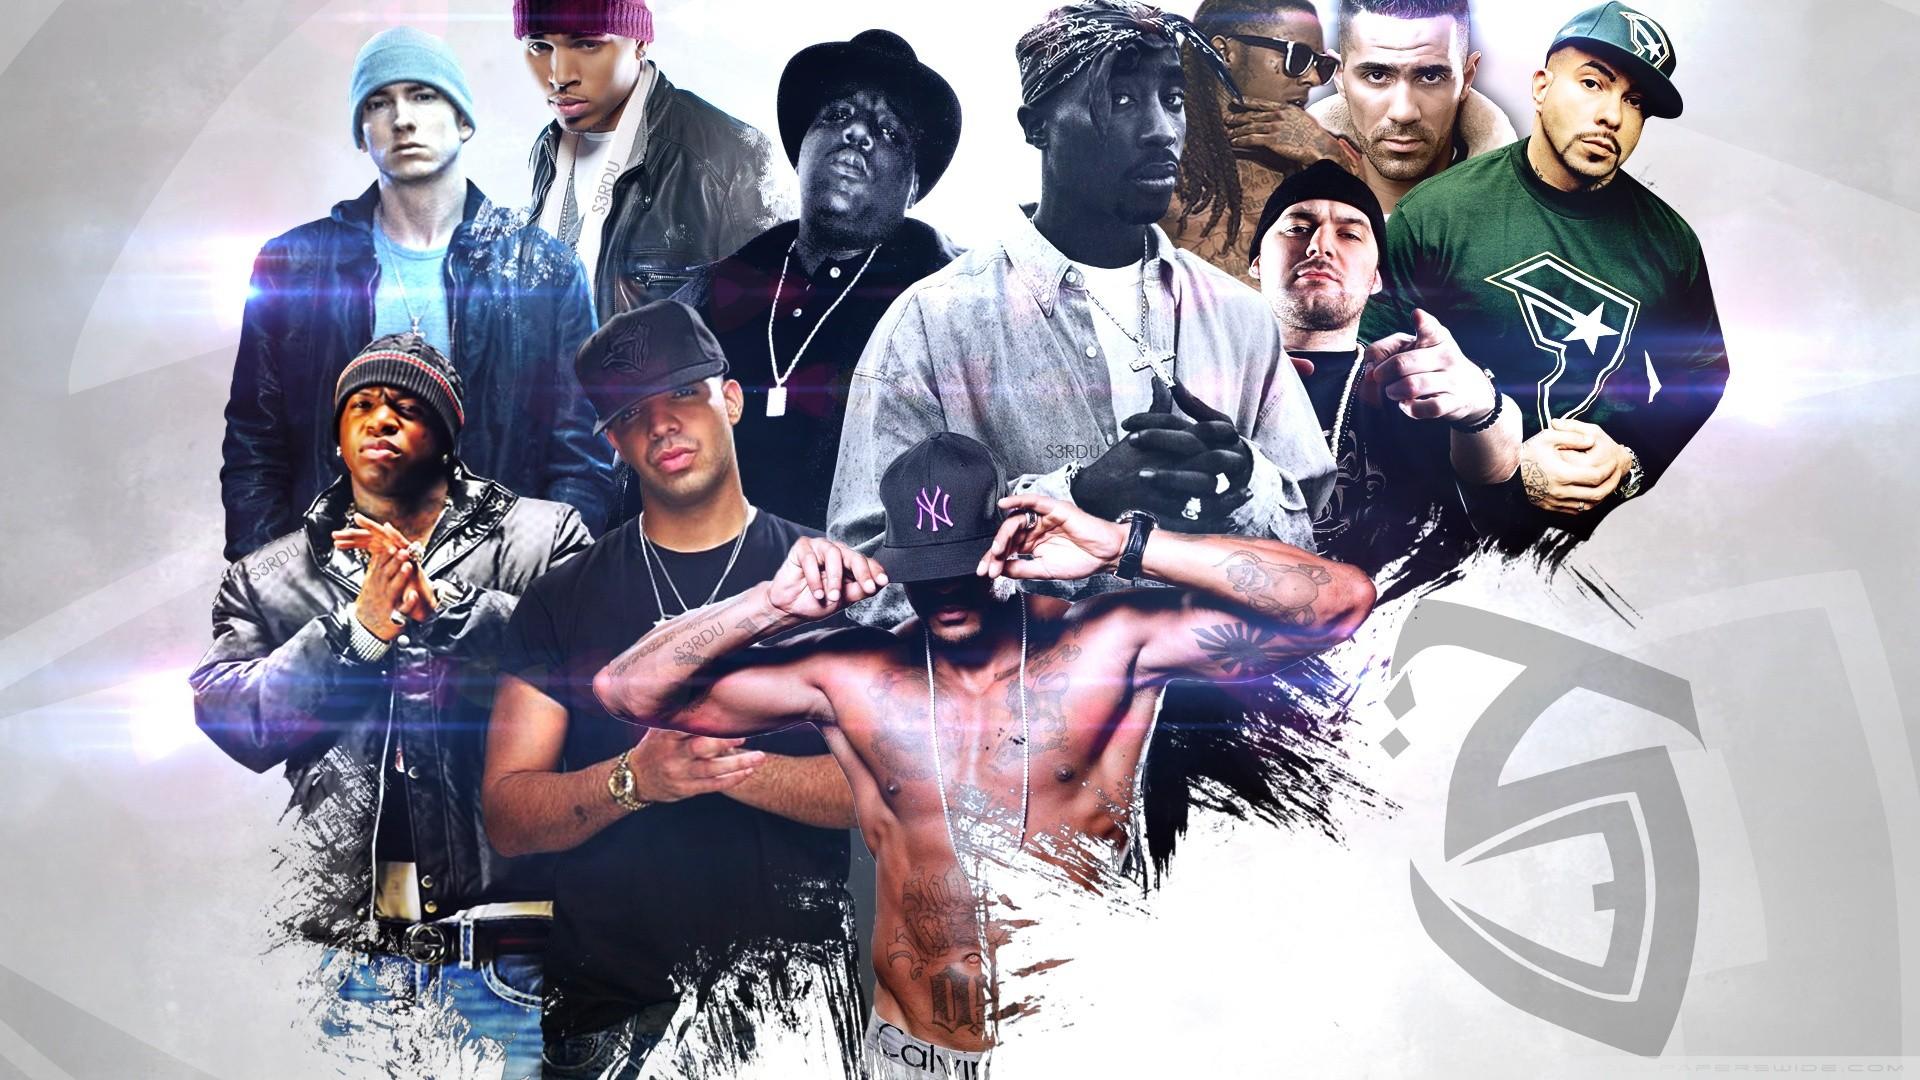 Rap 2pac Wallpaper 1920x1080 Rap 2pac Eminem Raper 1920x1080